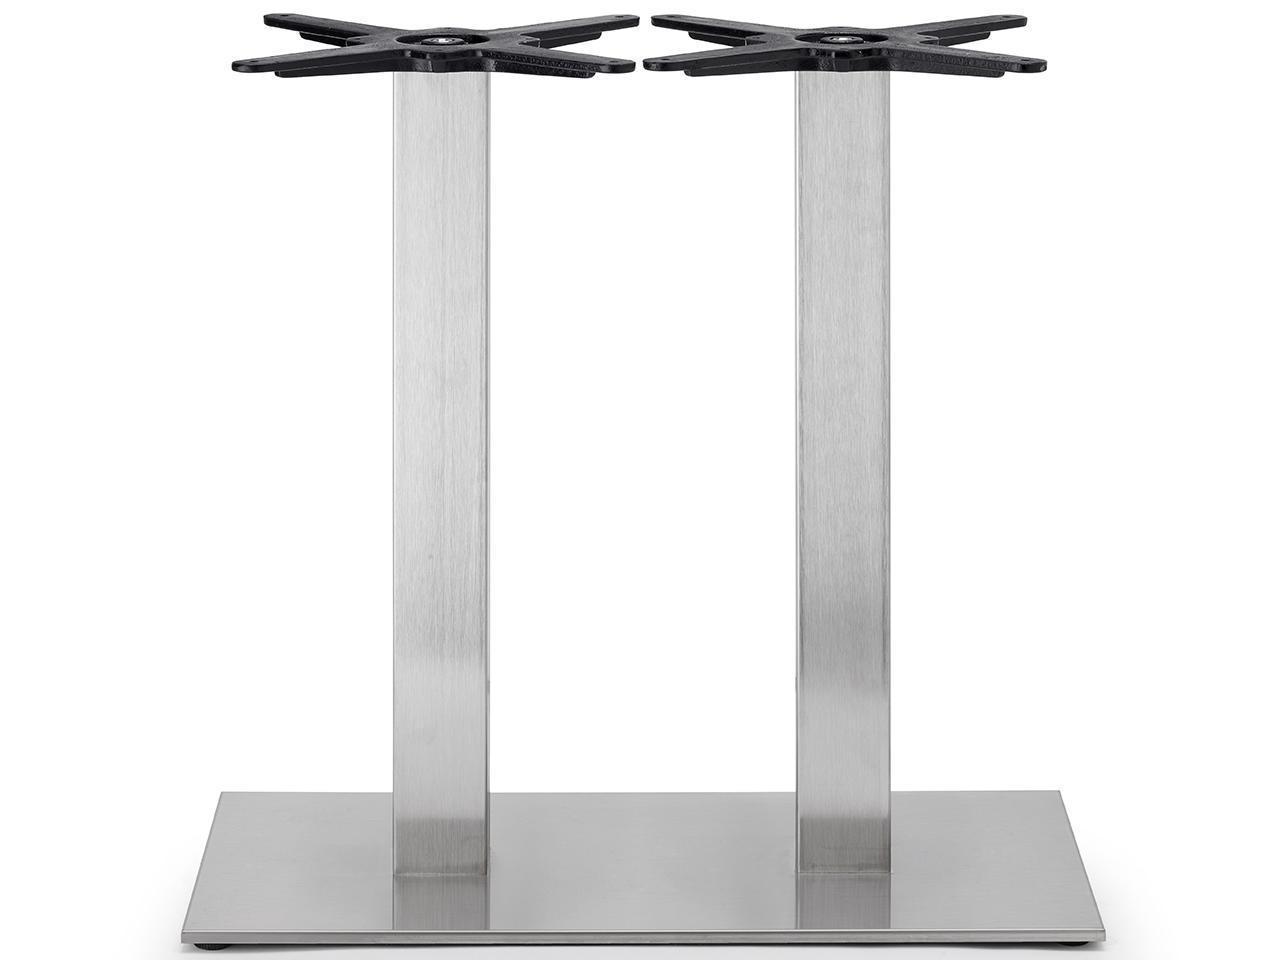 Подстолье двойное металлическое Tiffany base rectangular shaped with double column